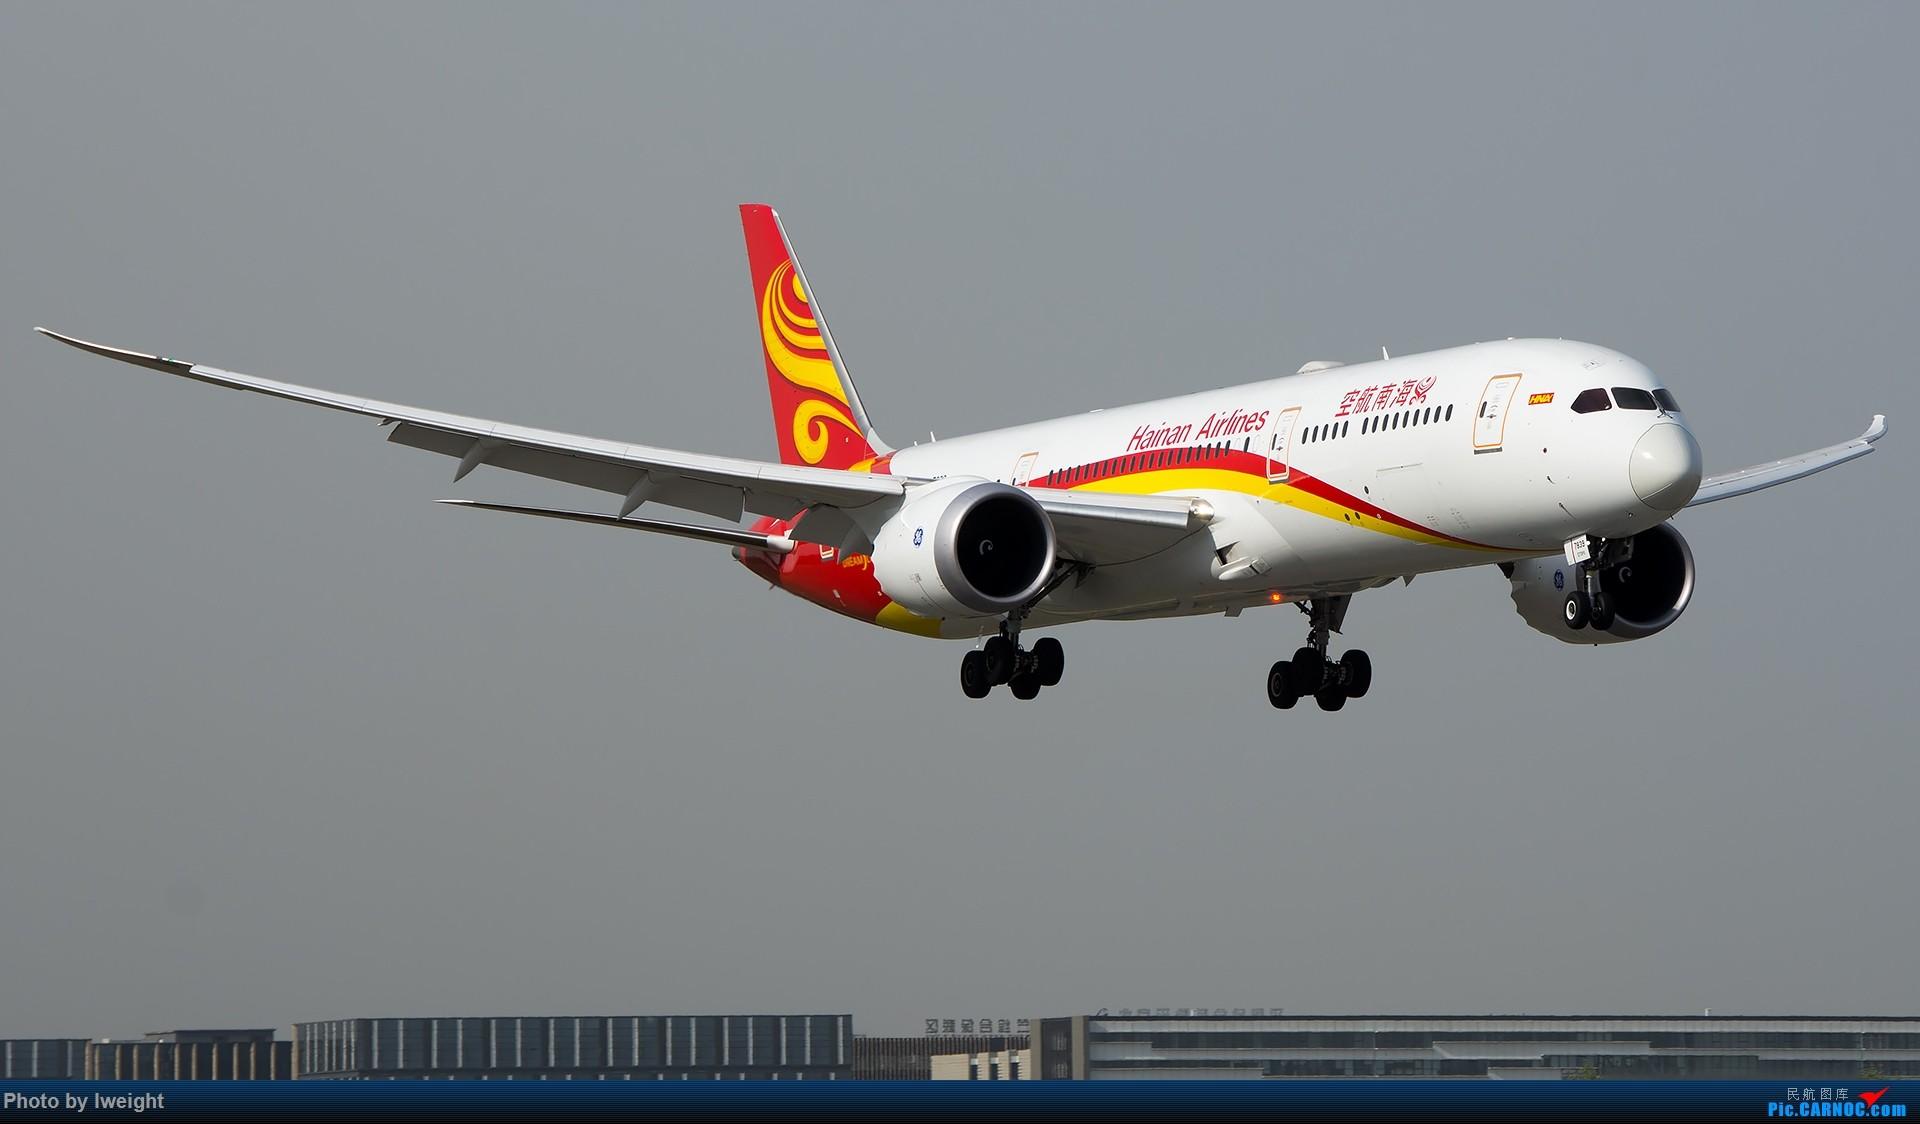 Re:[原创]天气晴朗,继续守候18R【多图】 BOEING 787-9 B-7839 中国北京首都国际机场